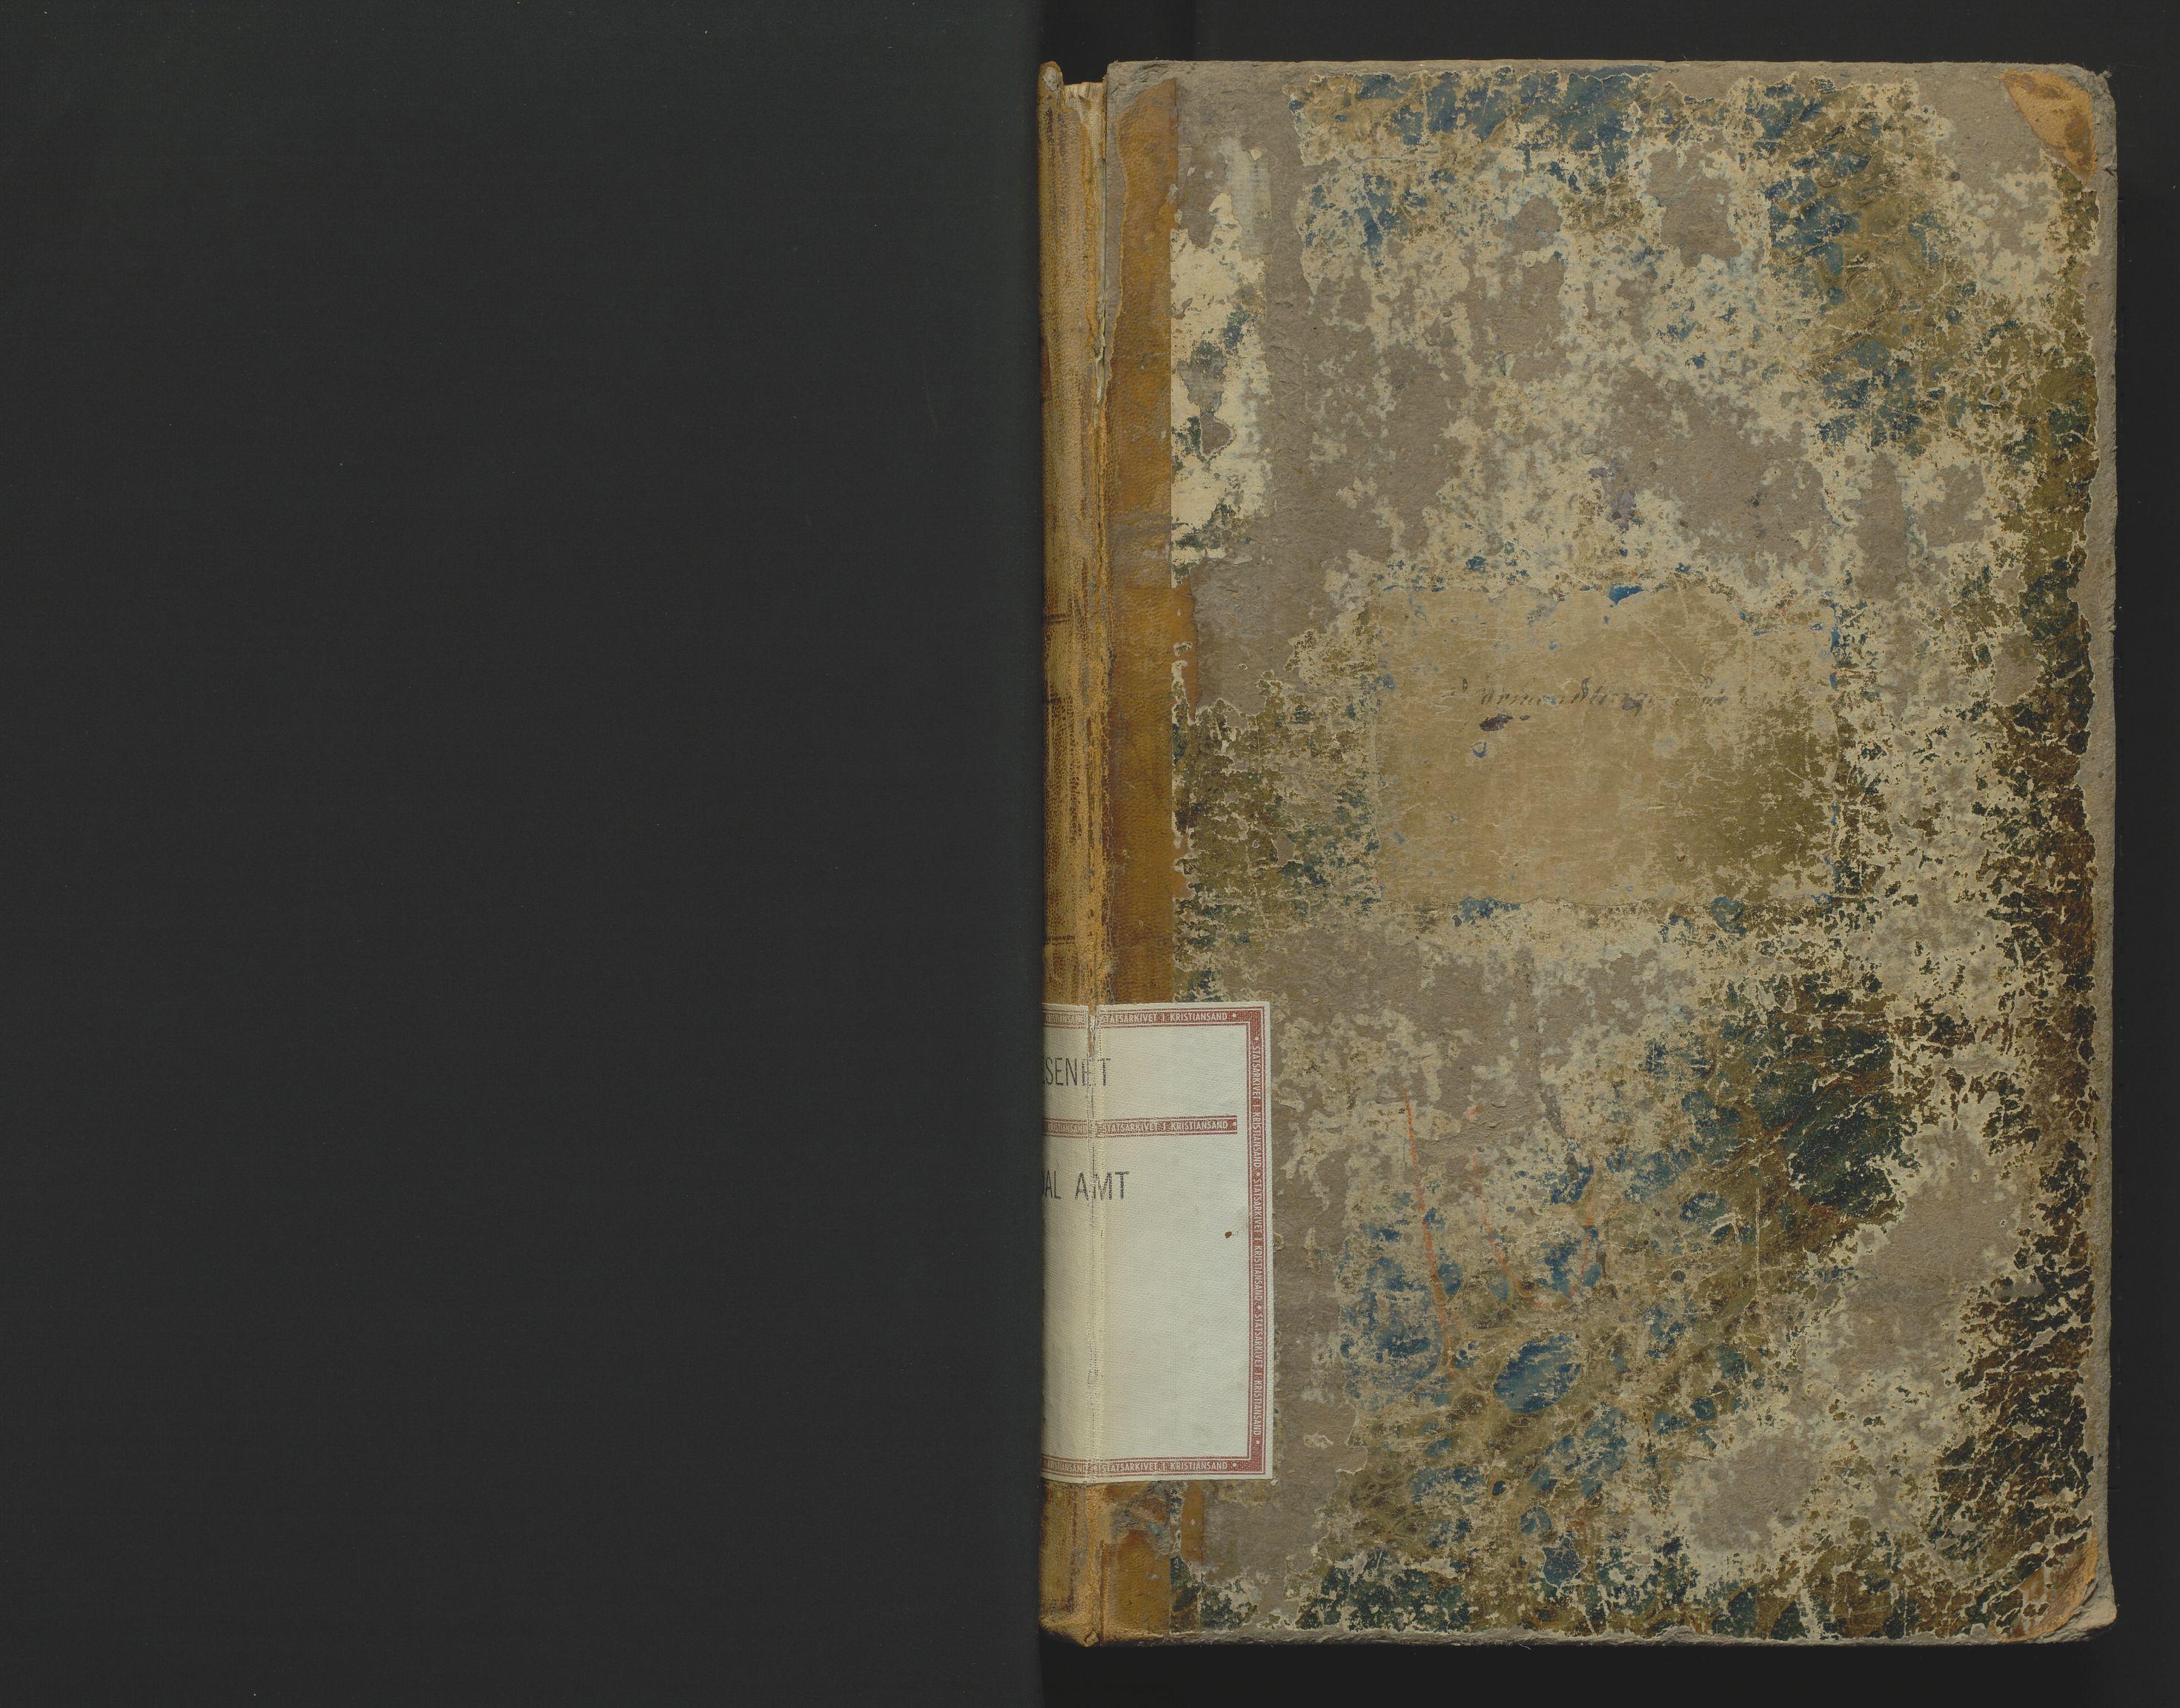 SAK, Utskiftningsformannen i Lister og Mandal amt, F/Fa/Faa/L0010: Utskiftningsprotokoll med register nr 10, 1866-1872